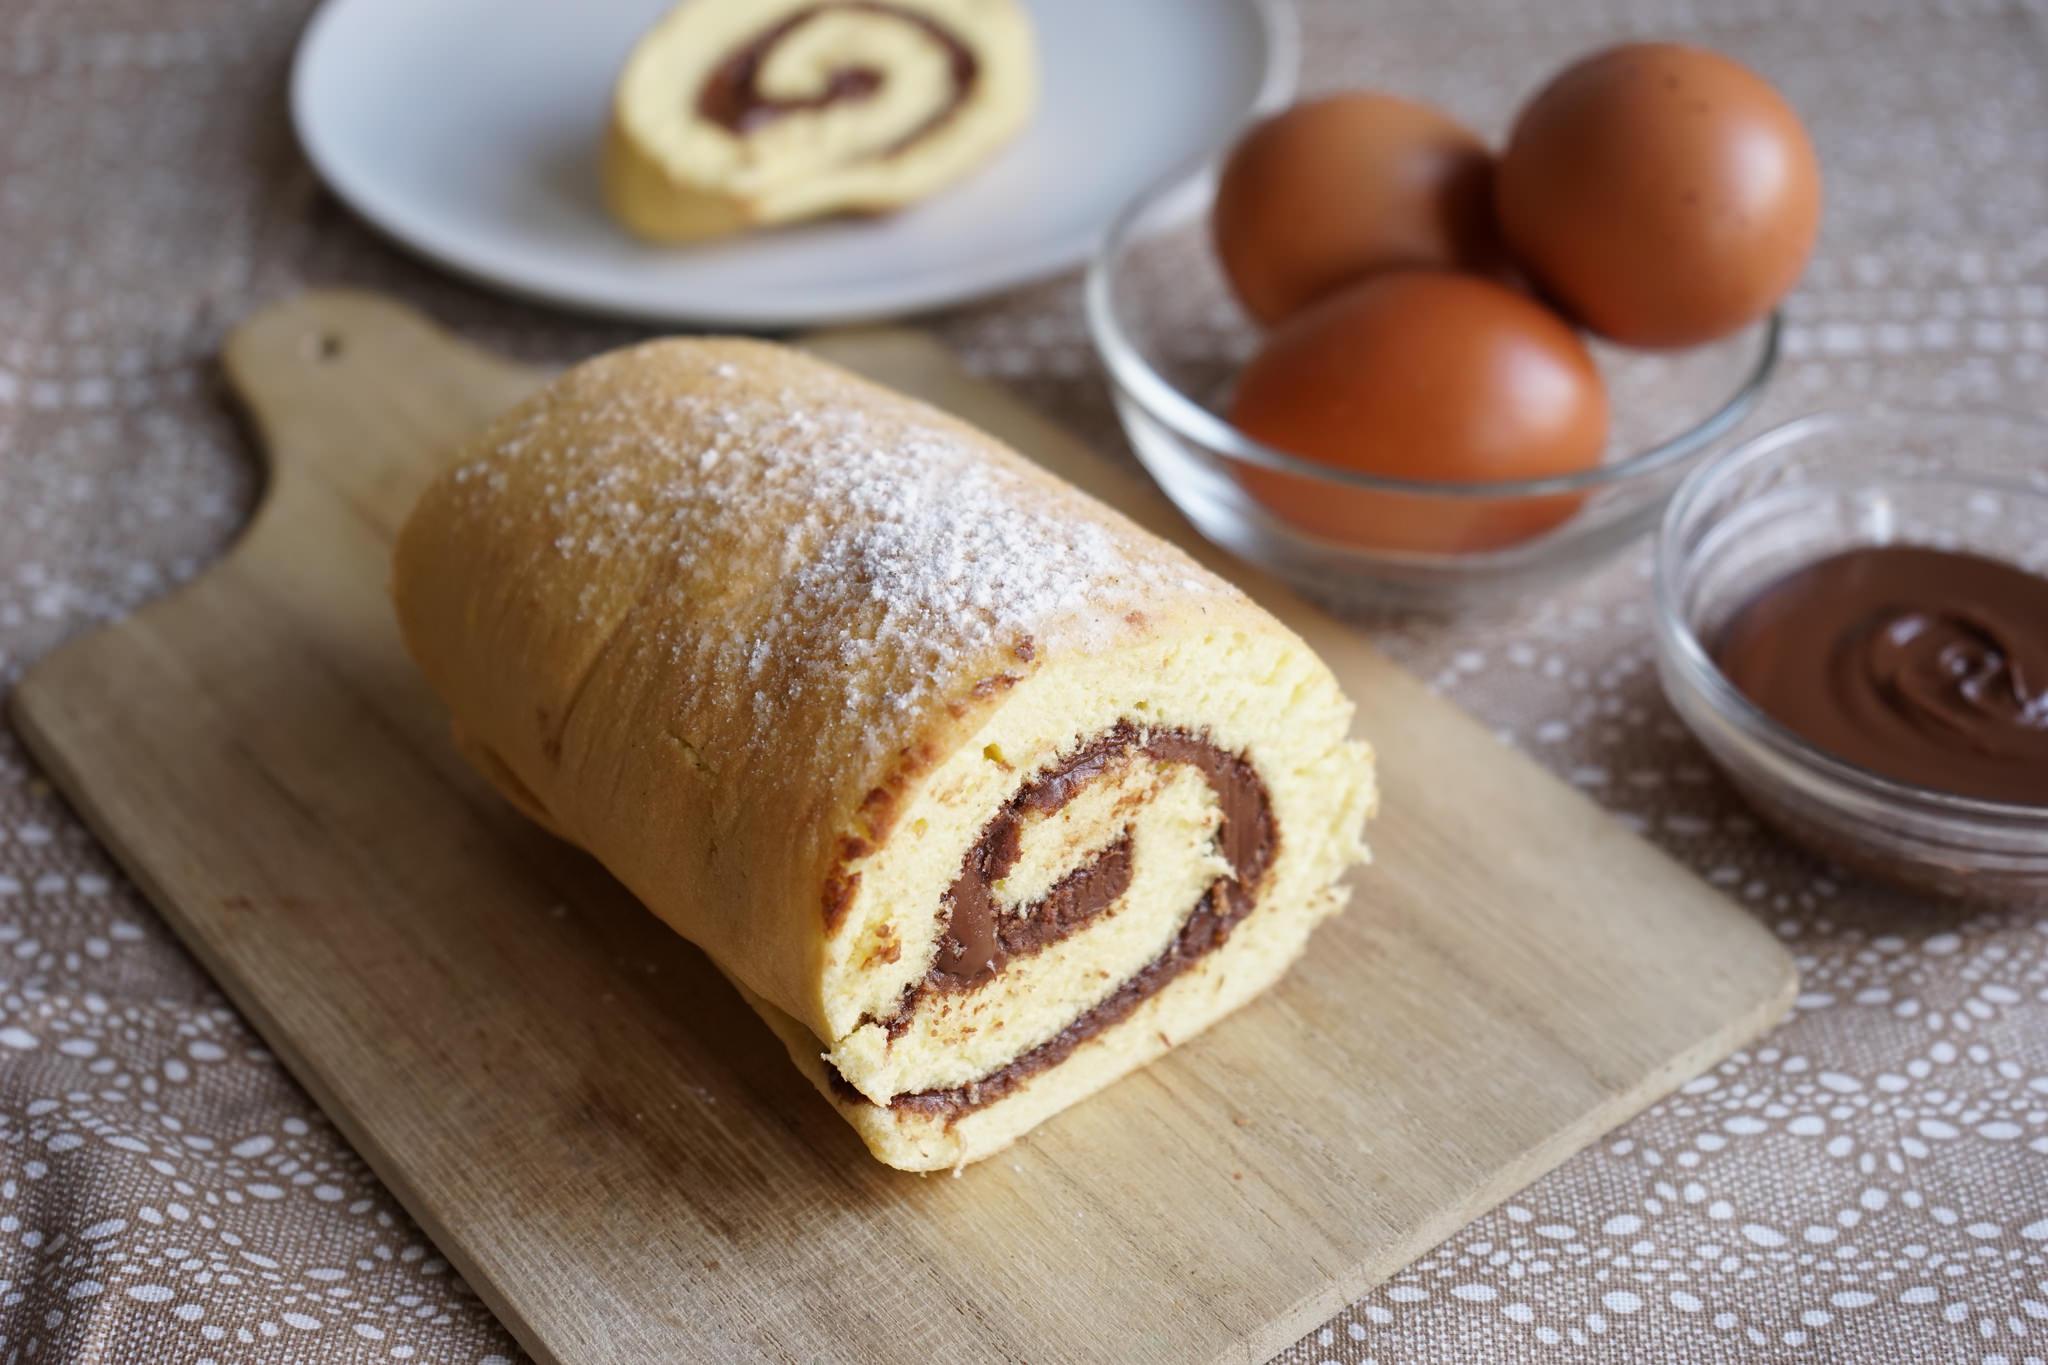 Rotolo alla nutella senza lievito bimby tm31 tm5 for Bimby ricette dolci